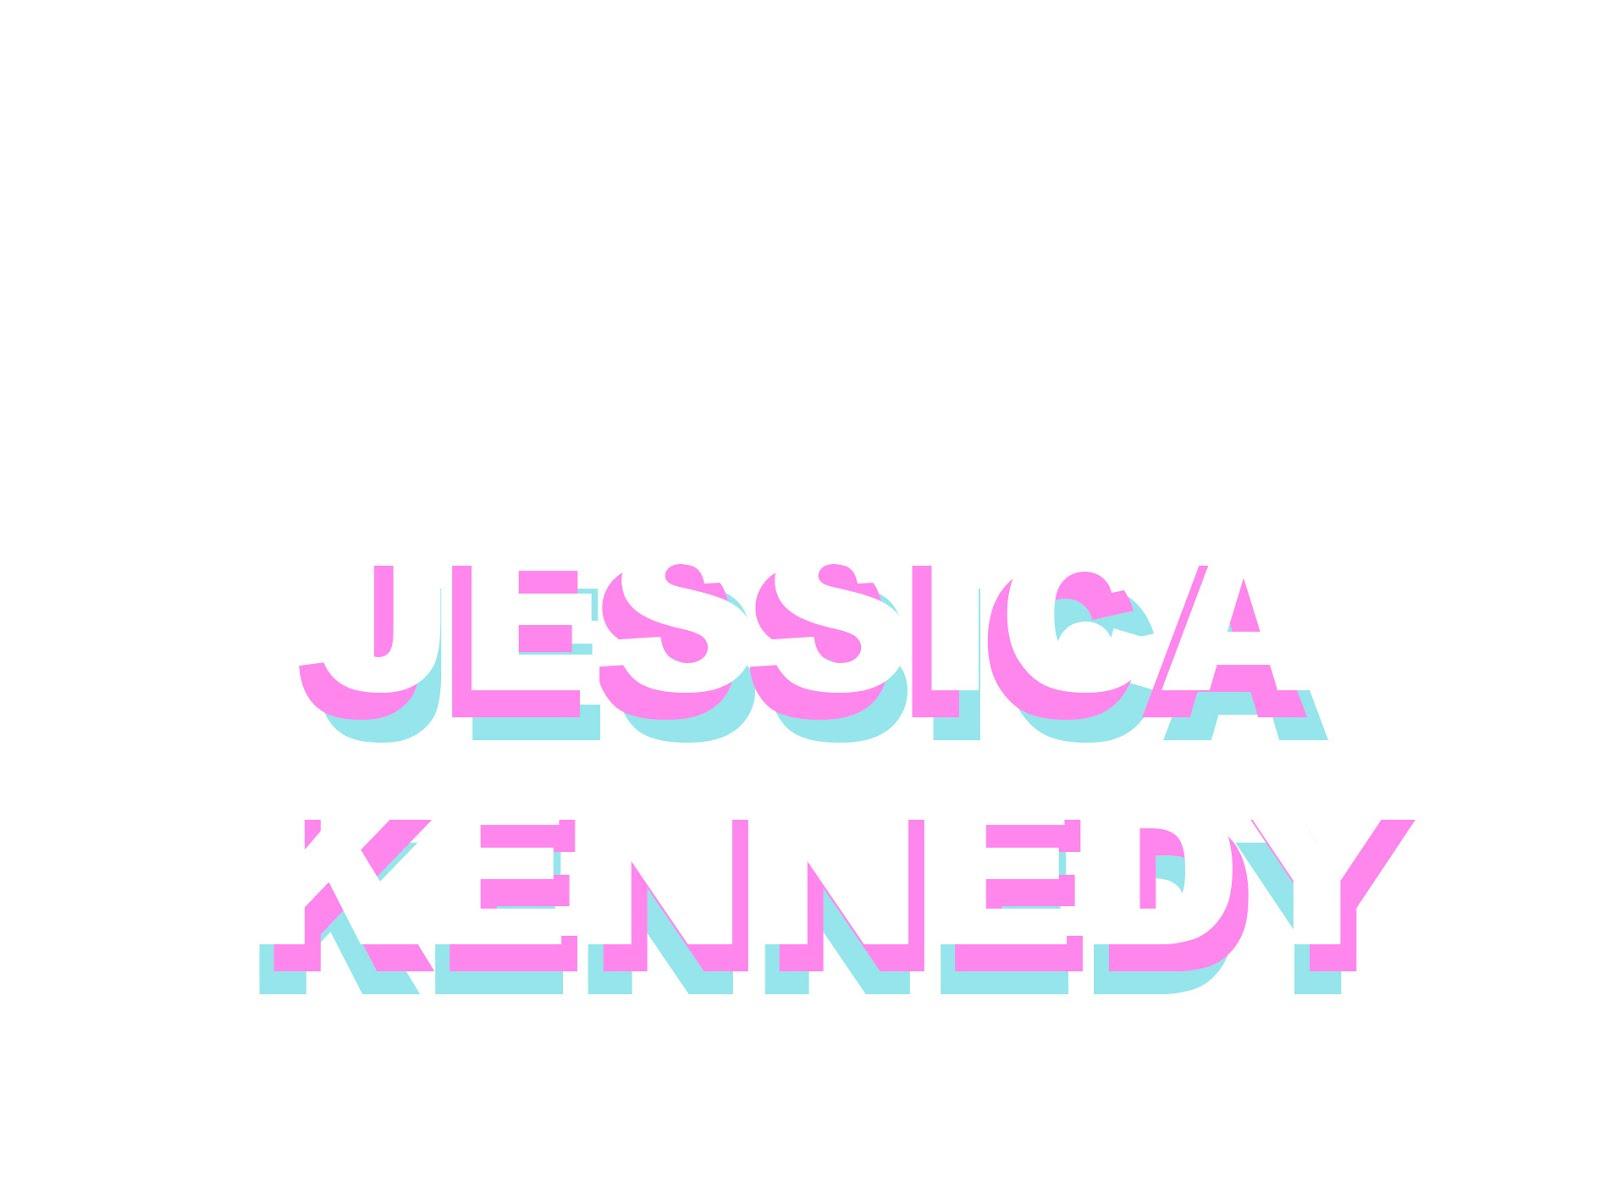 Jessica  Kennedy